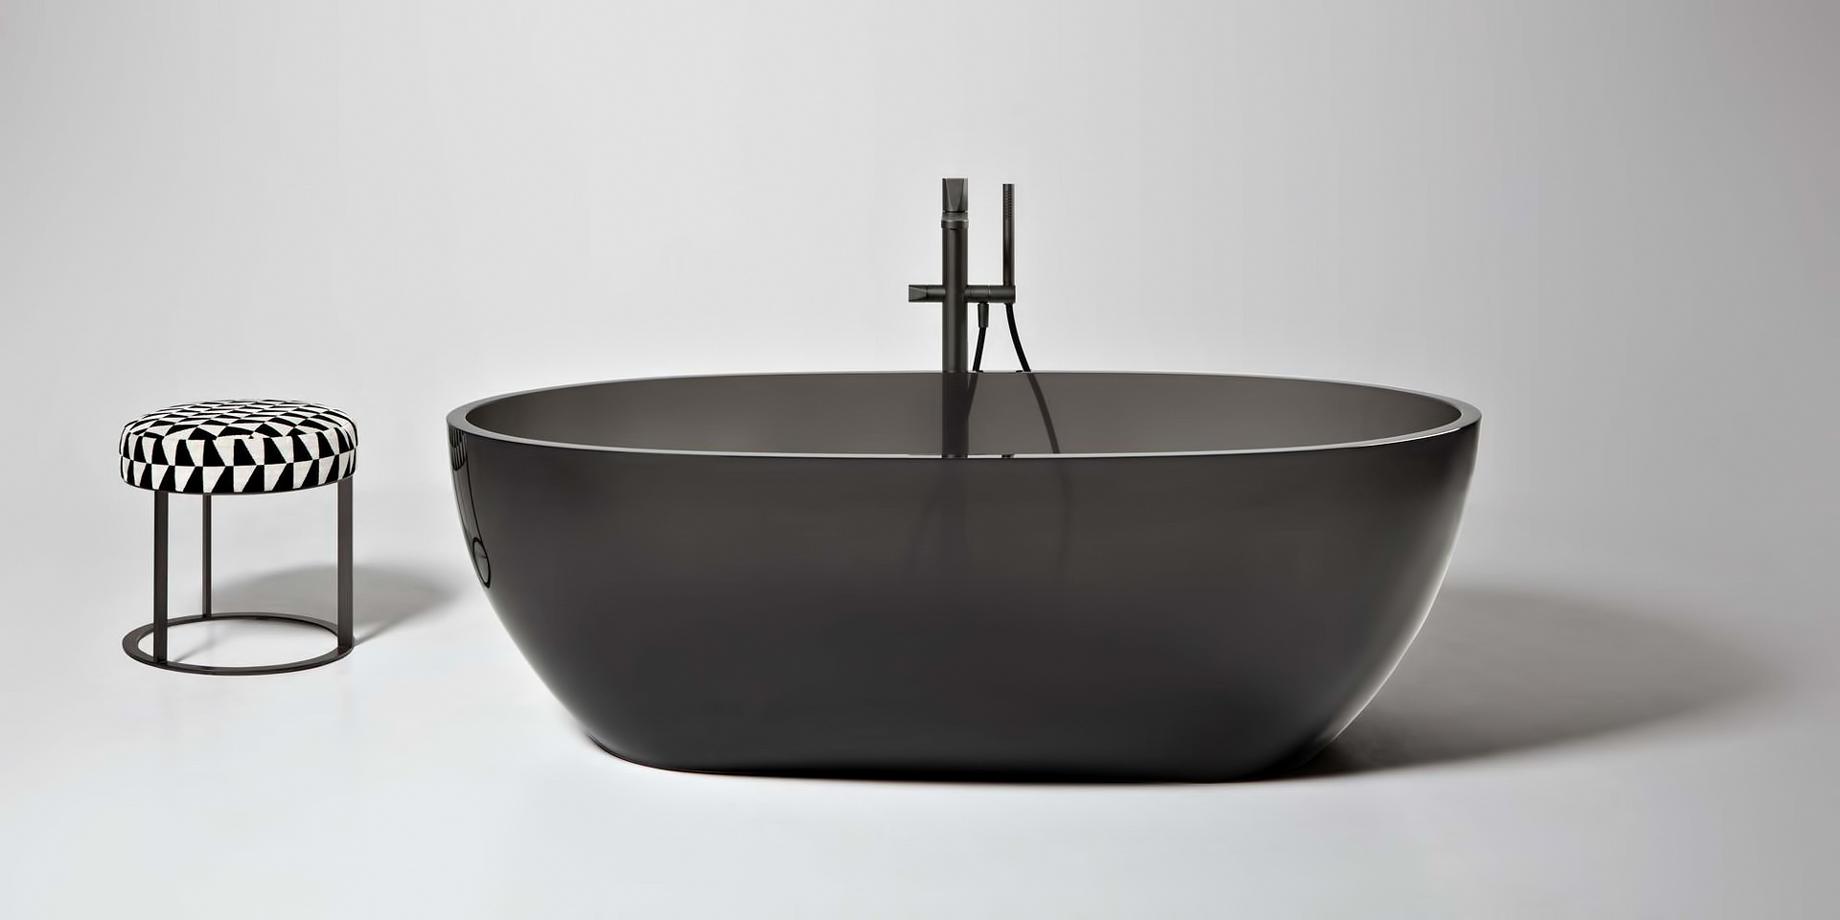 Transparent REFLEX Cristalmood Resin Luxury Bathtub by AL Studio - Fume